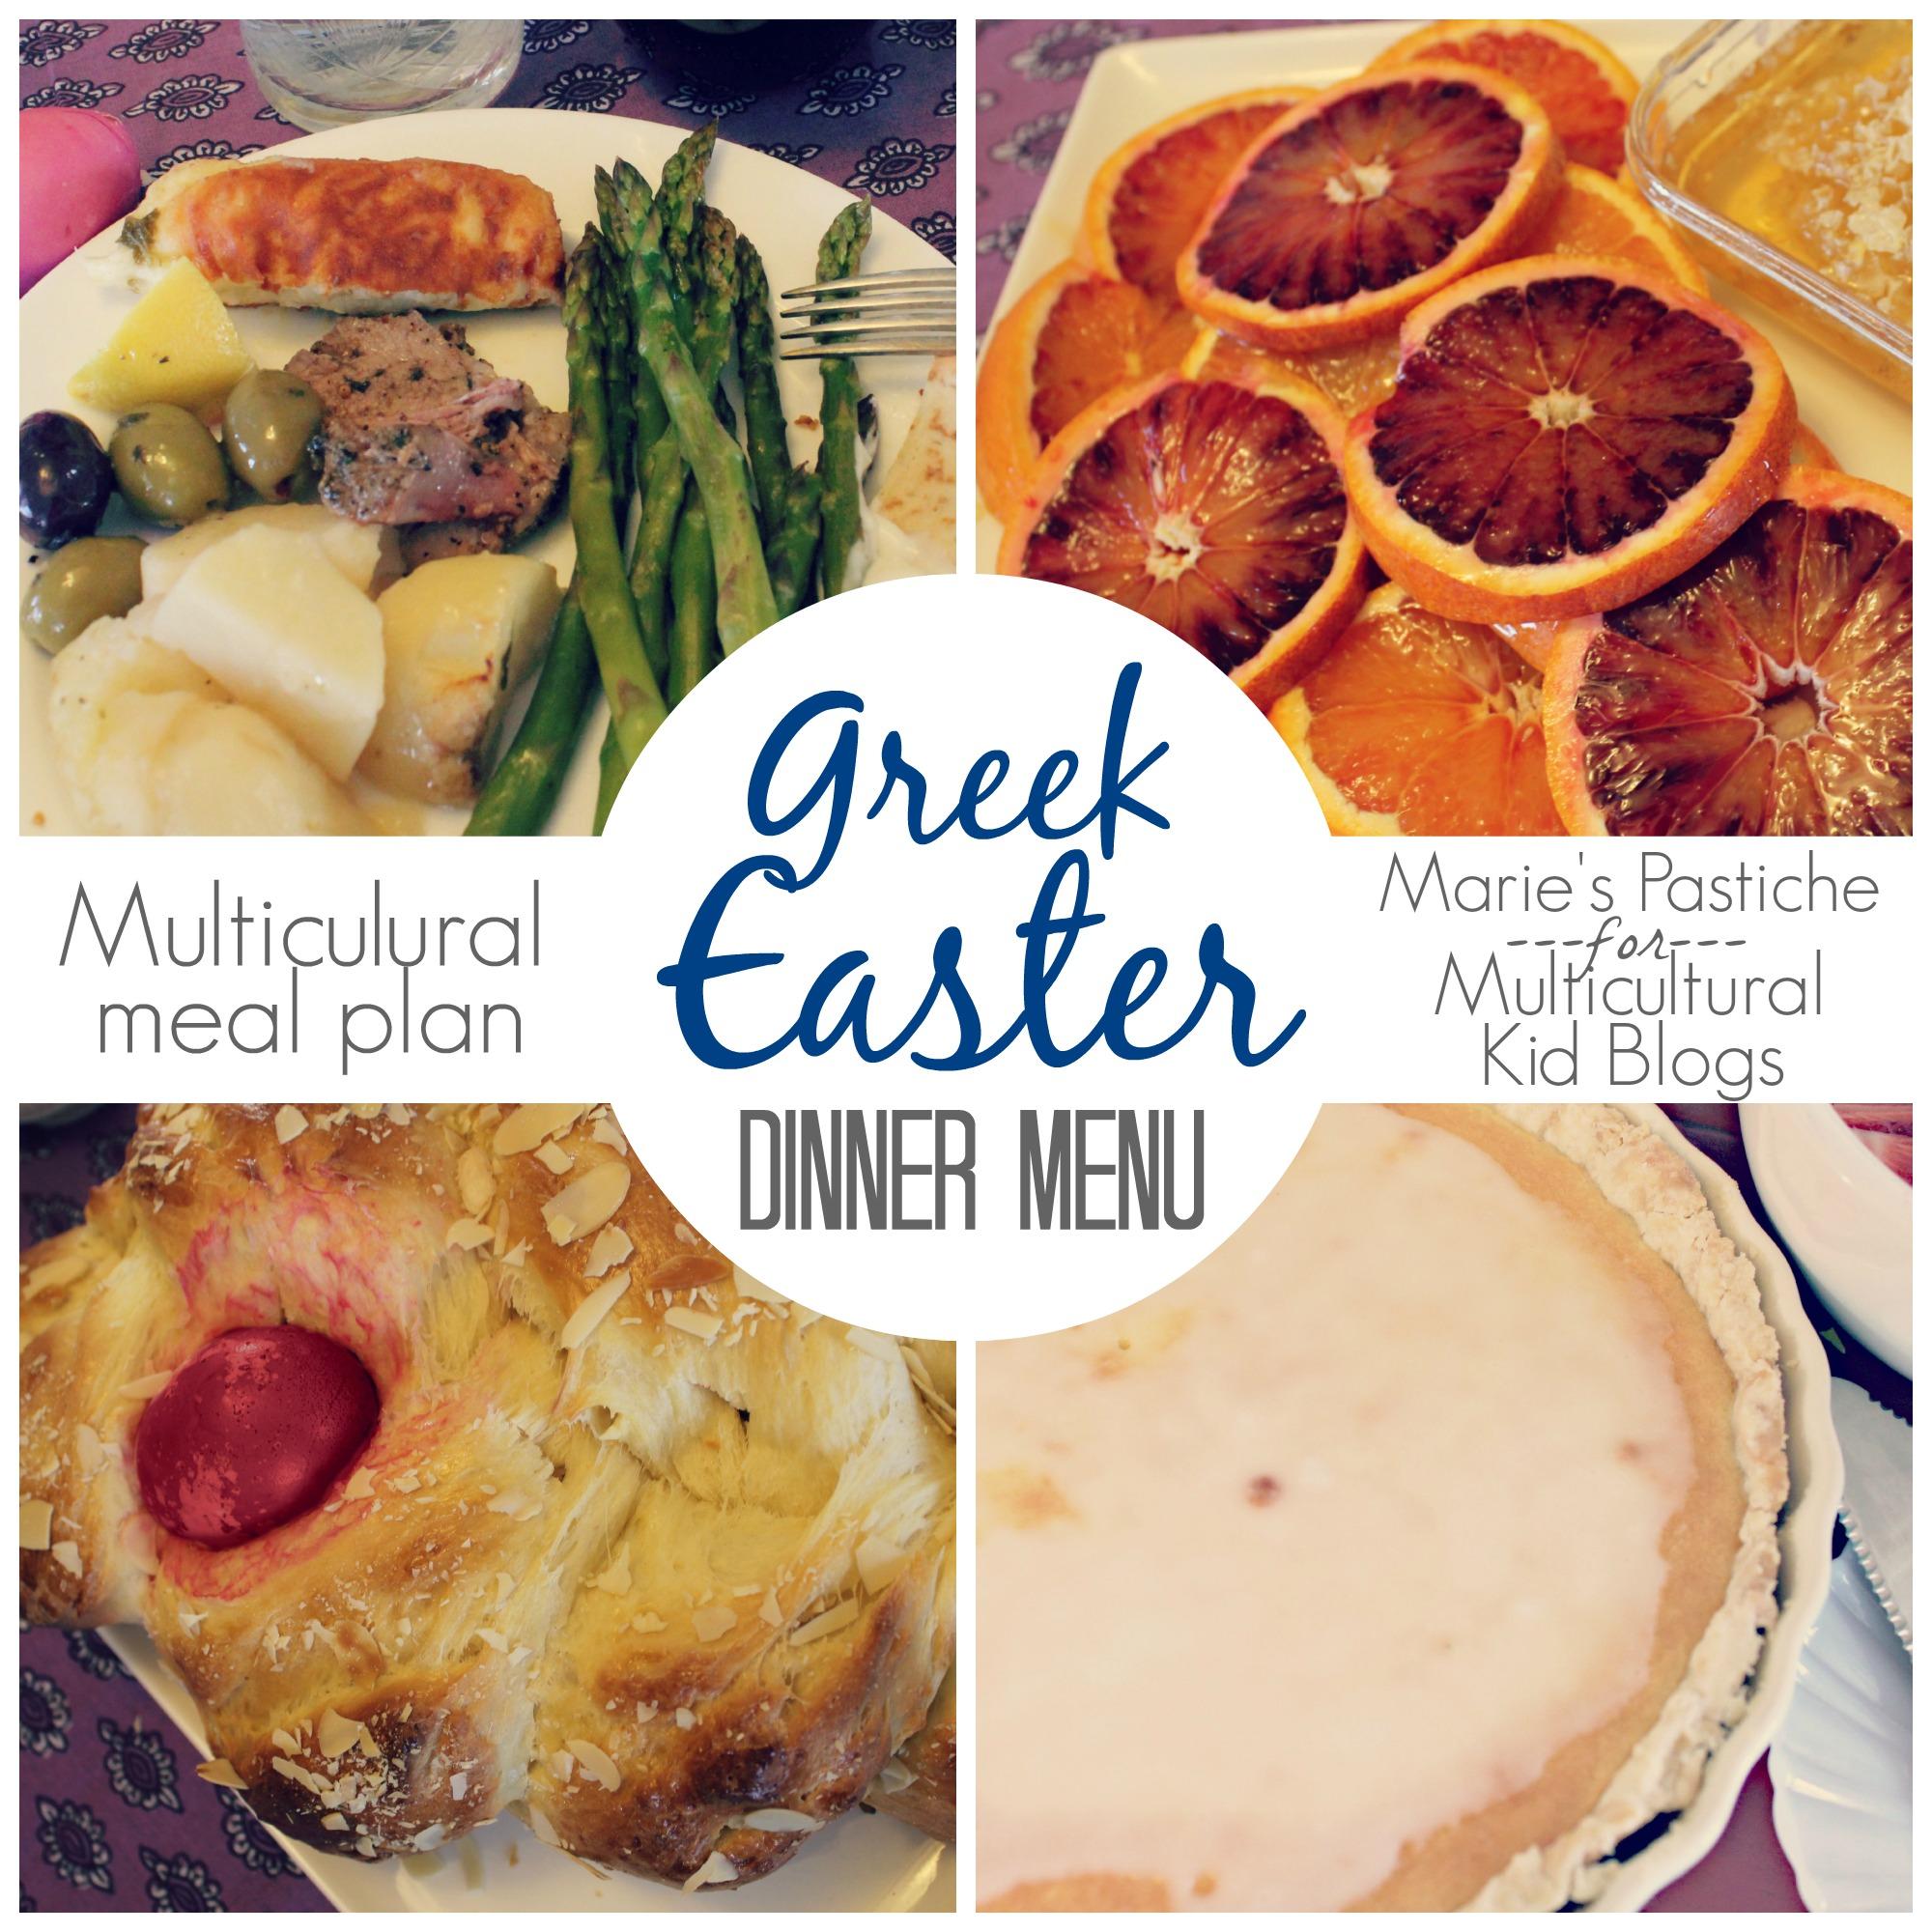 Multicultural meal plan greek easter menu maries pastiche greek easter dinner menu multicultural meal plan maries pastiche forumfinder Images